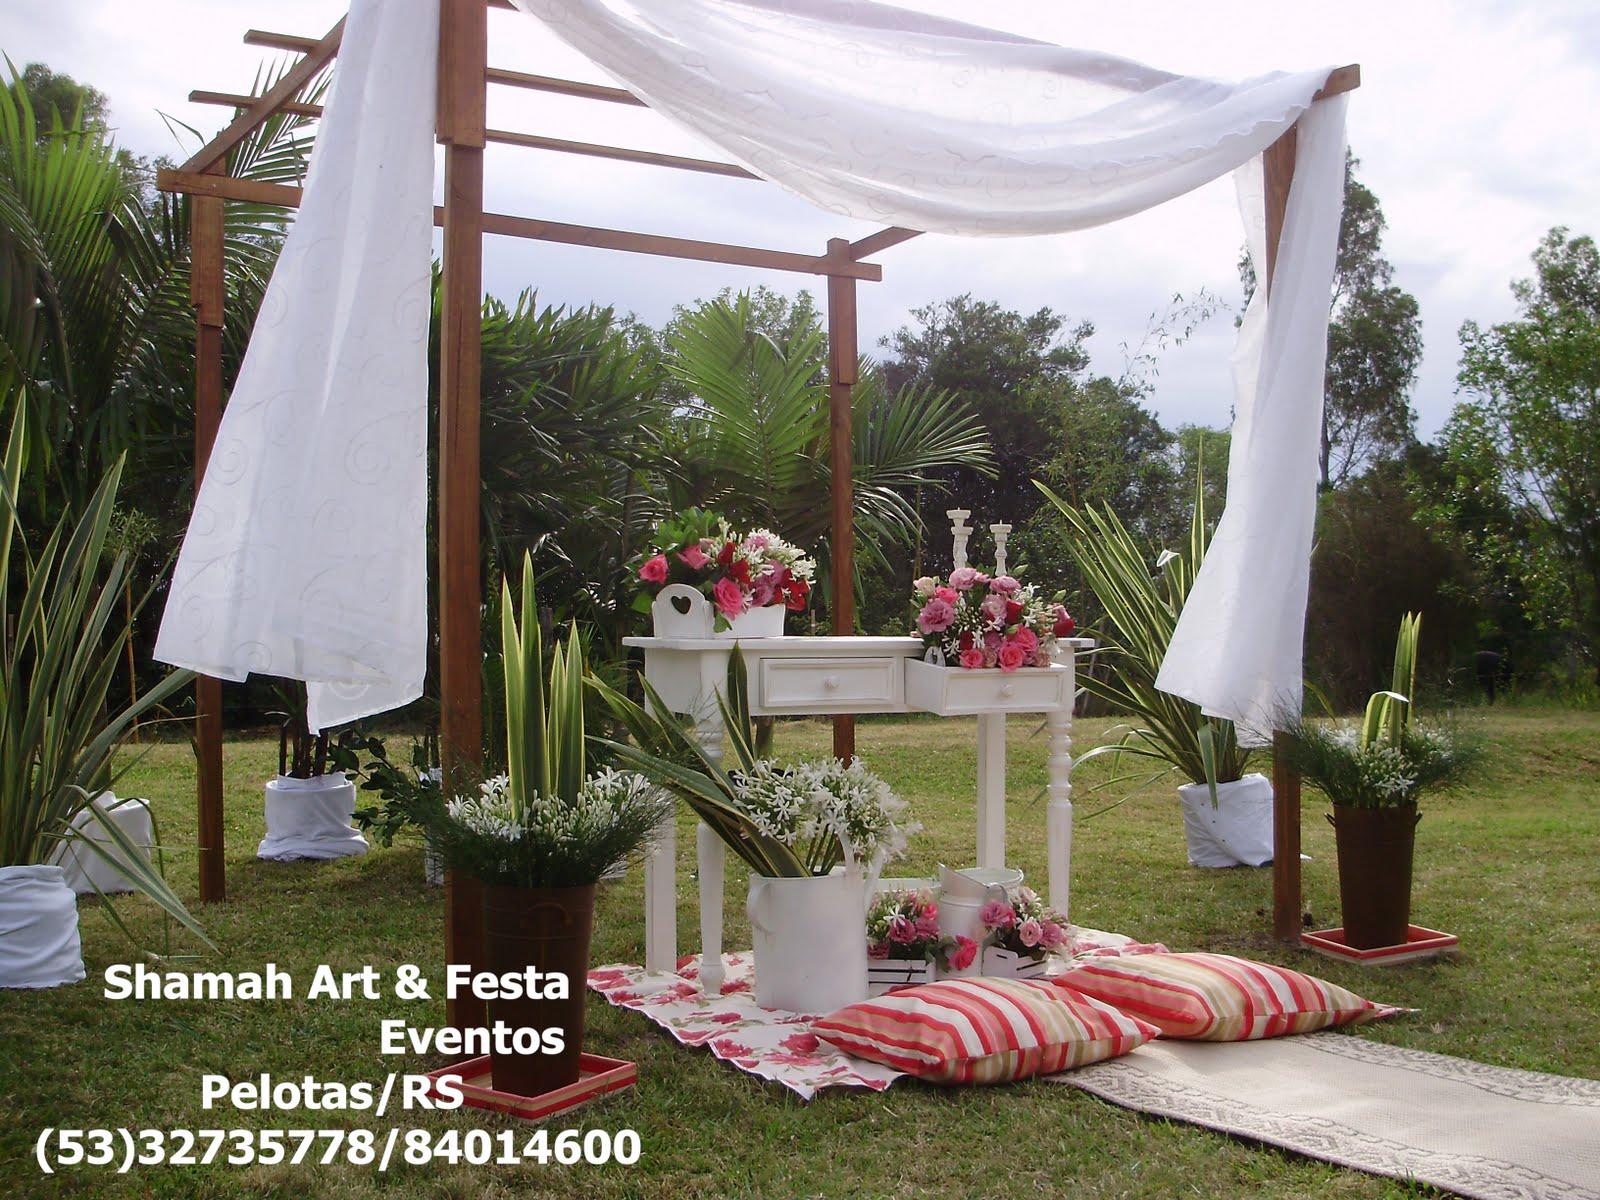 decoracao para casamento em sitio:cerimonial,decoração e buffet: Shamah Art & Festa Eventos, Pelotas